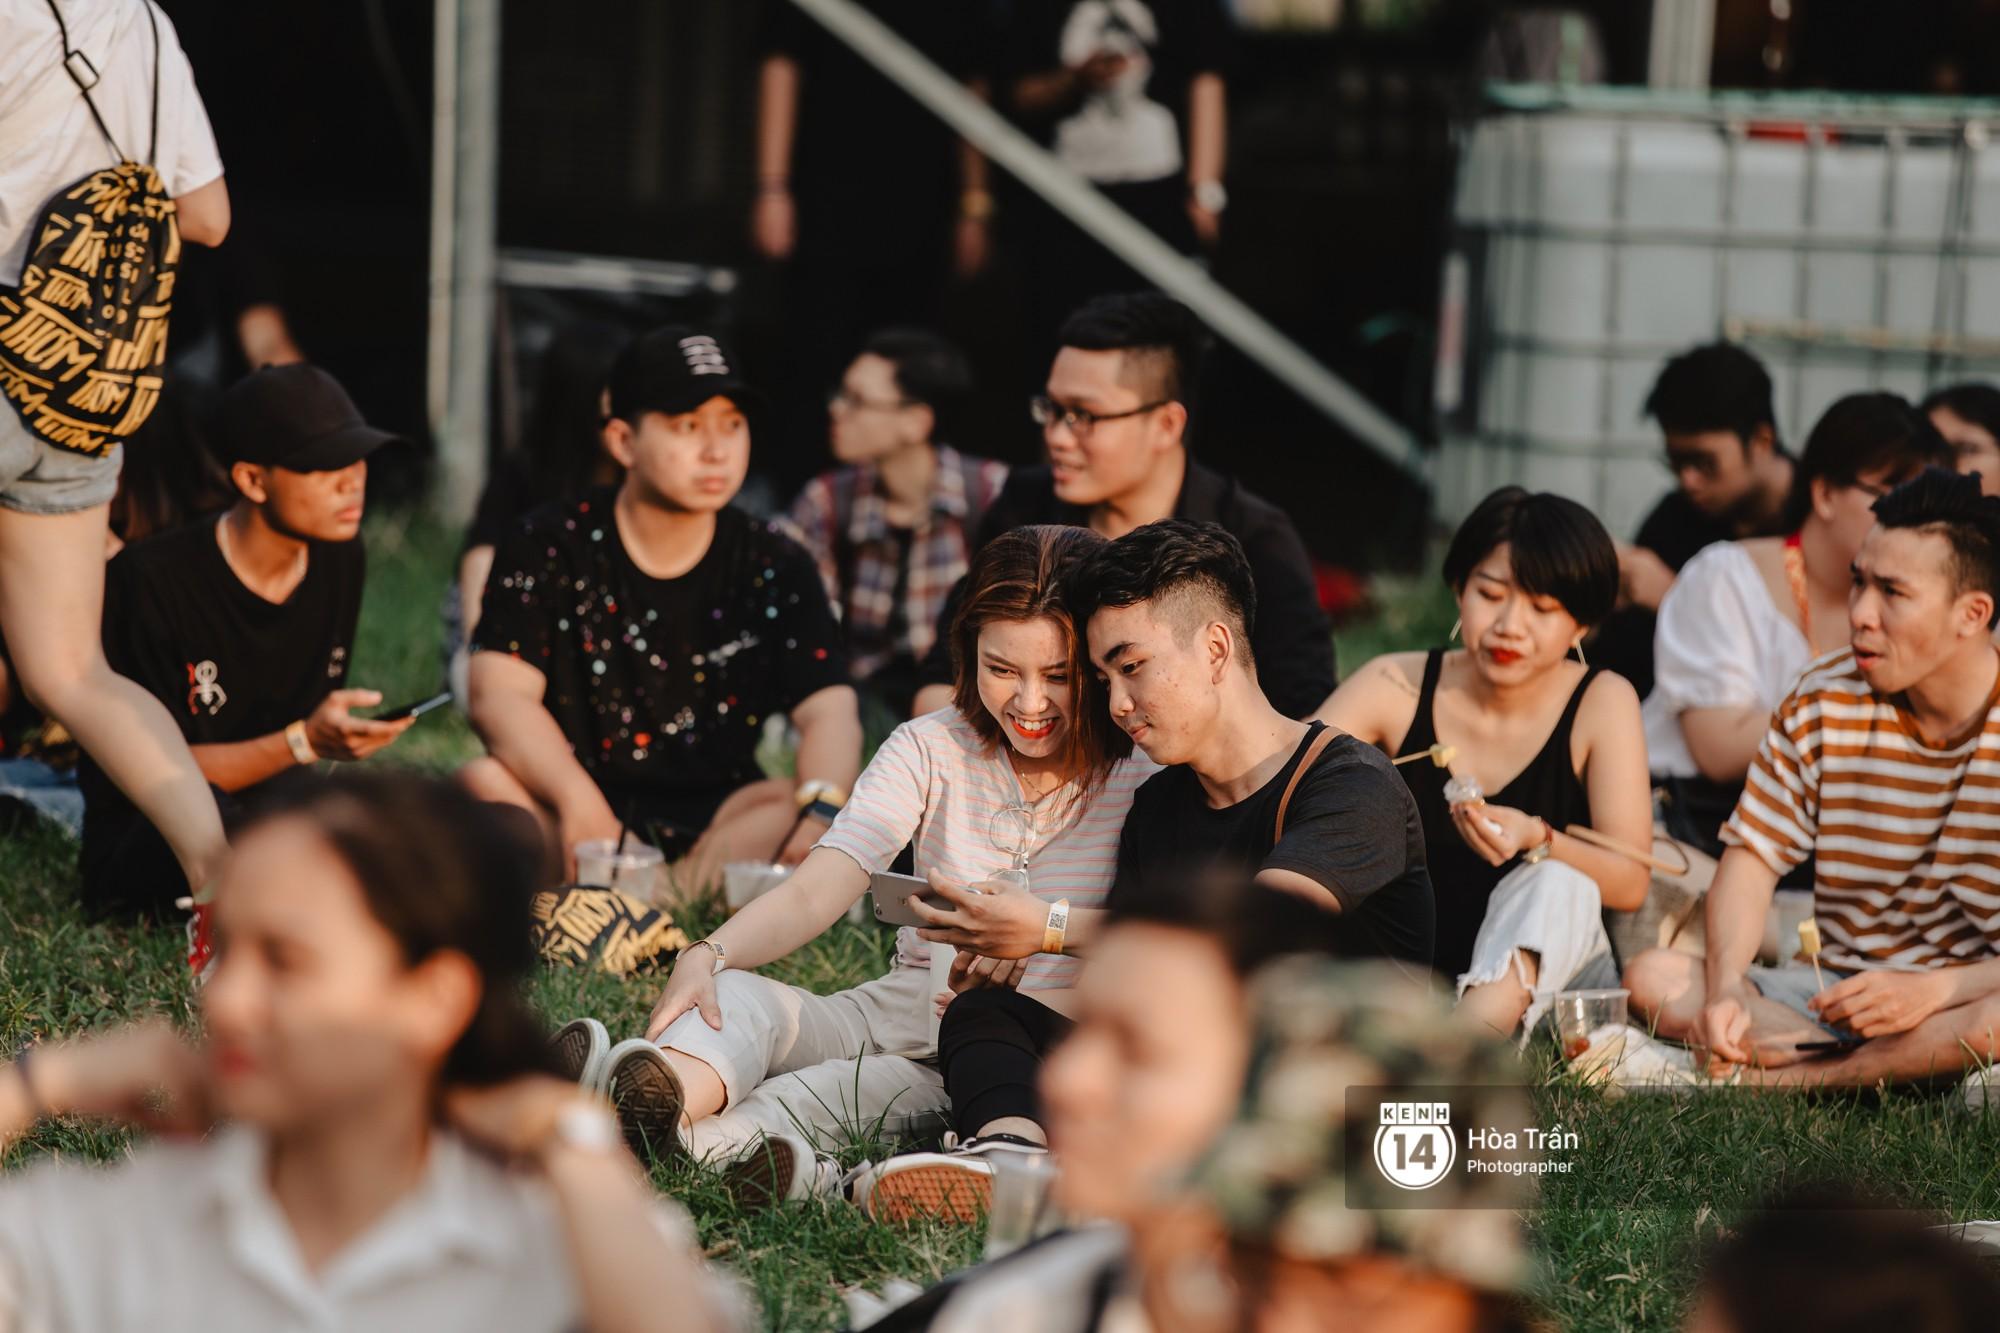 Giới trẻ Sài Gòn cùng loạt nghệ sĩ đình đám như Vũ, Đen Vâu, Suboi hoà mình vào bữa tiệc âm nhạc hoành tráng tại Thơm Music Festival - Ảnh 15.